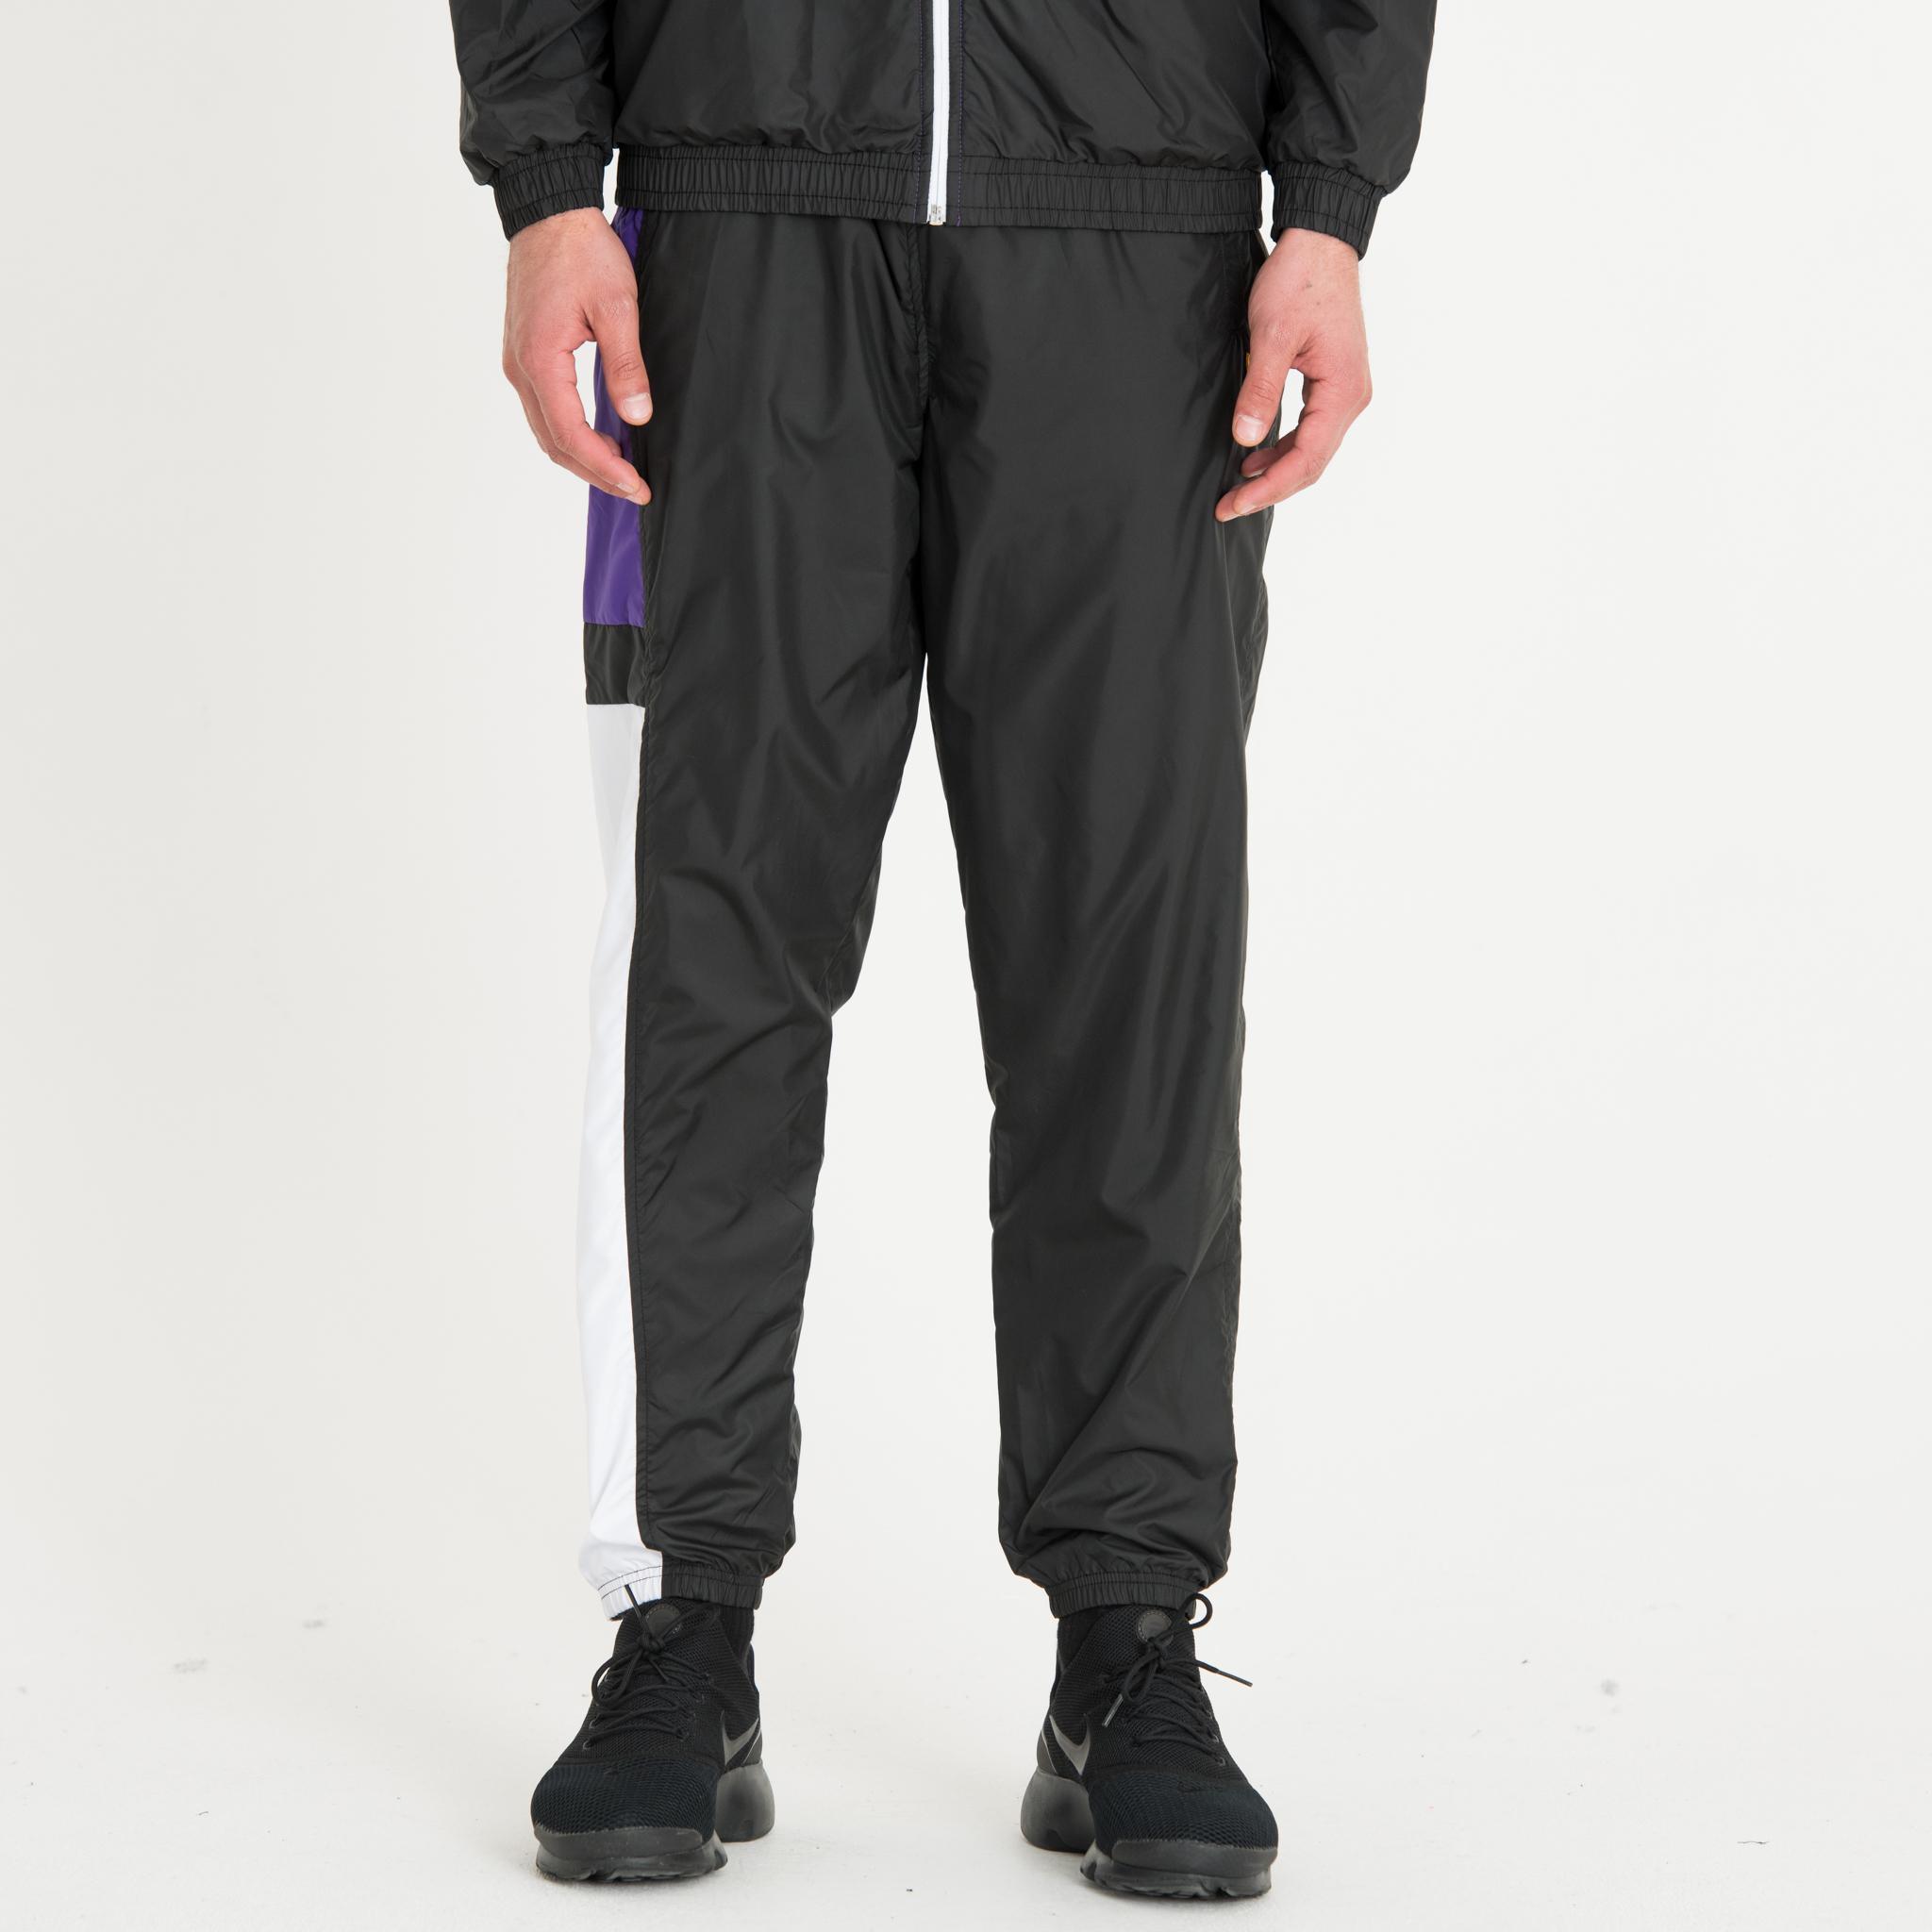 Pantalon de survêtement colour block noir, violet et blanc New Era